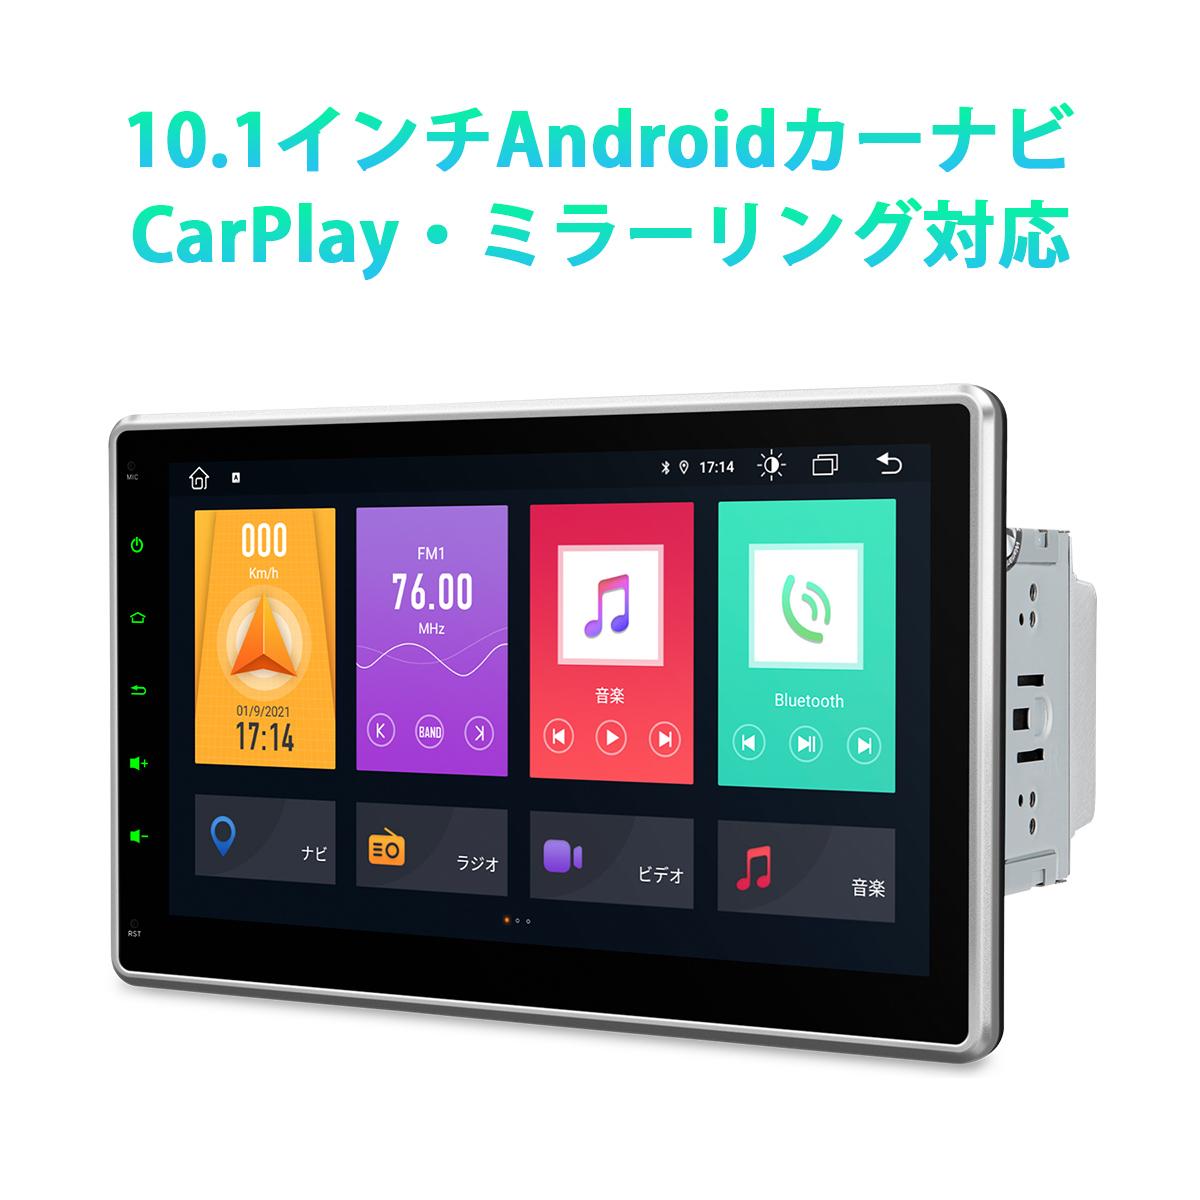 スクリーンミラーリング CarPlay連携対応 TME100L XTRONS セール特価 10.1インチ 8コア 安い Android10.0 ROM32GB+RAM2GB 地図なし 静電式2DIN一体型車載PC ミラーリング カーナビ 4G WIFI OBD2